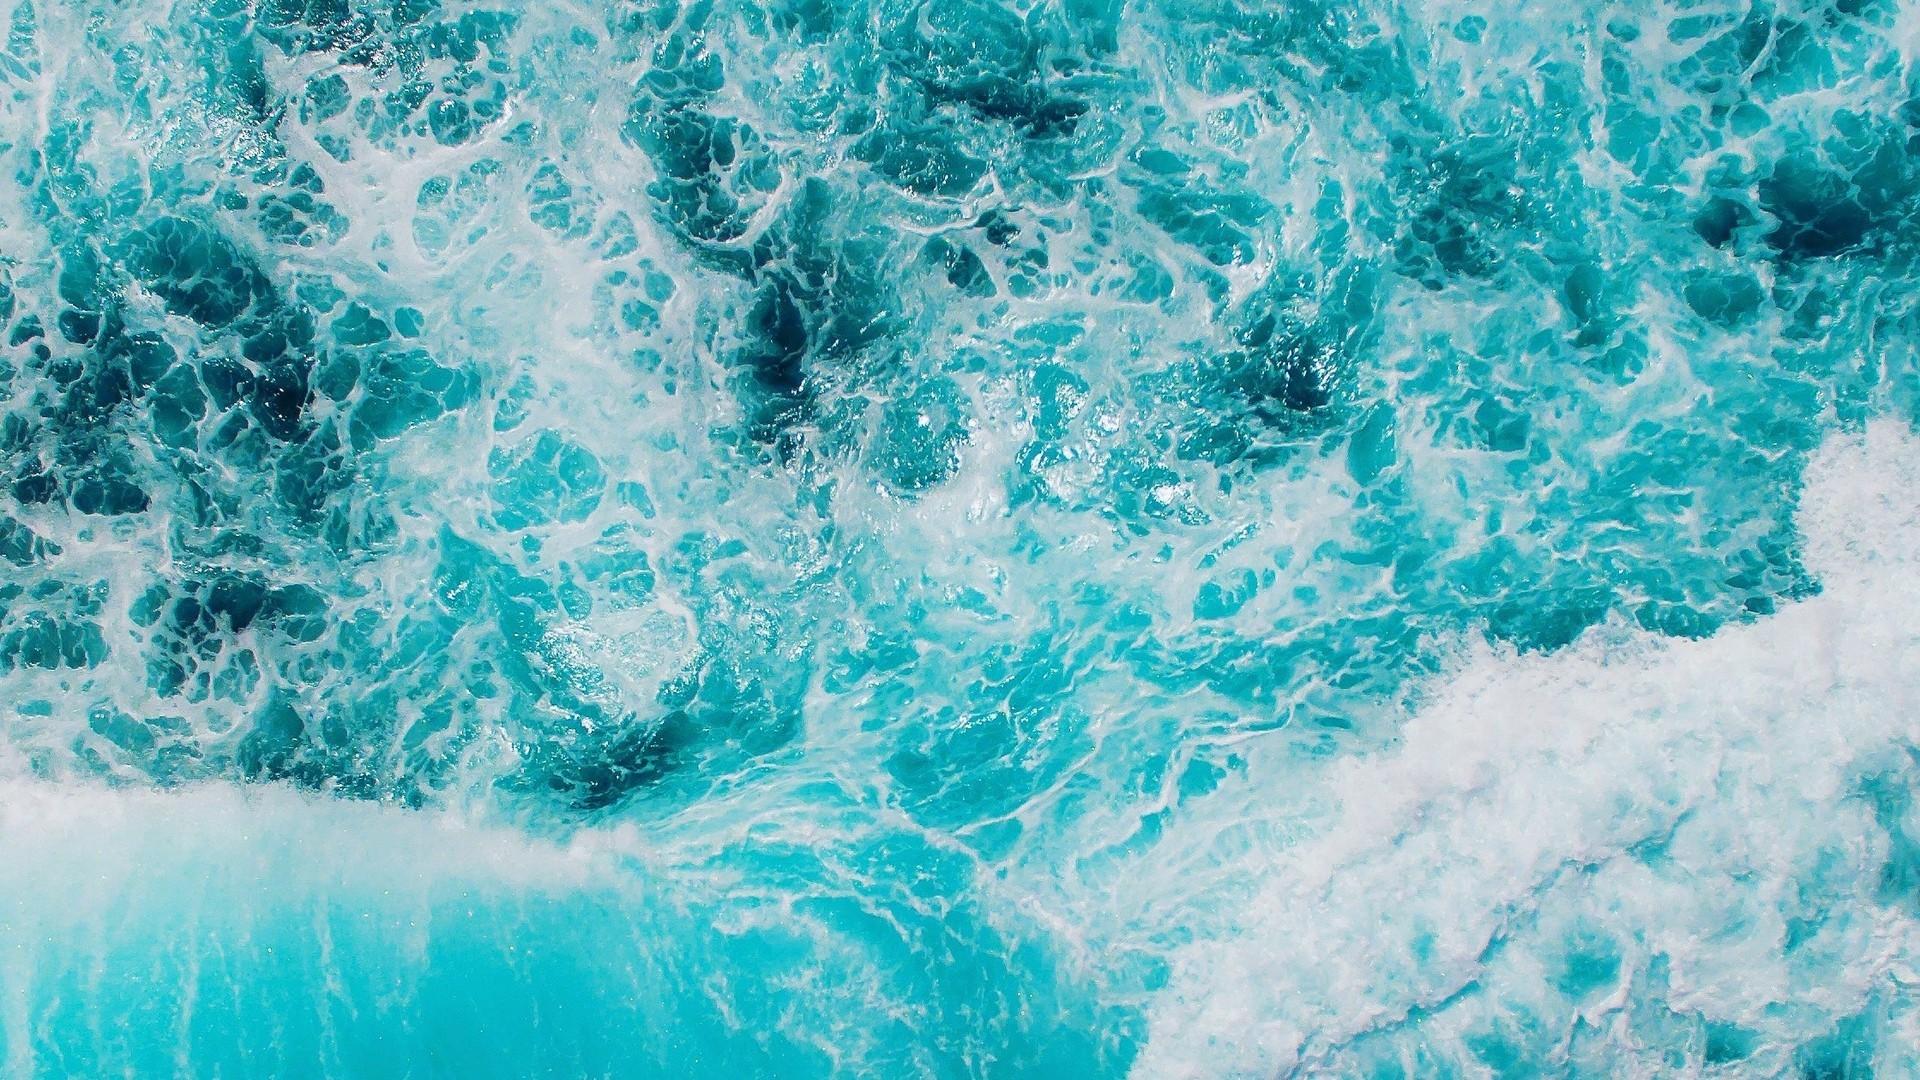 Foam full screen hd wallpaper